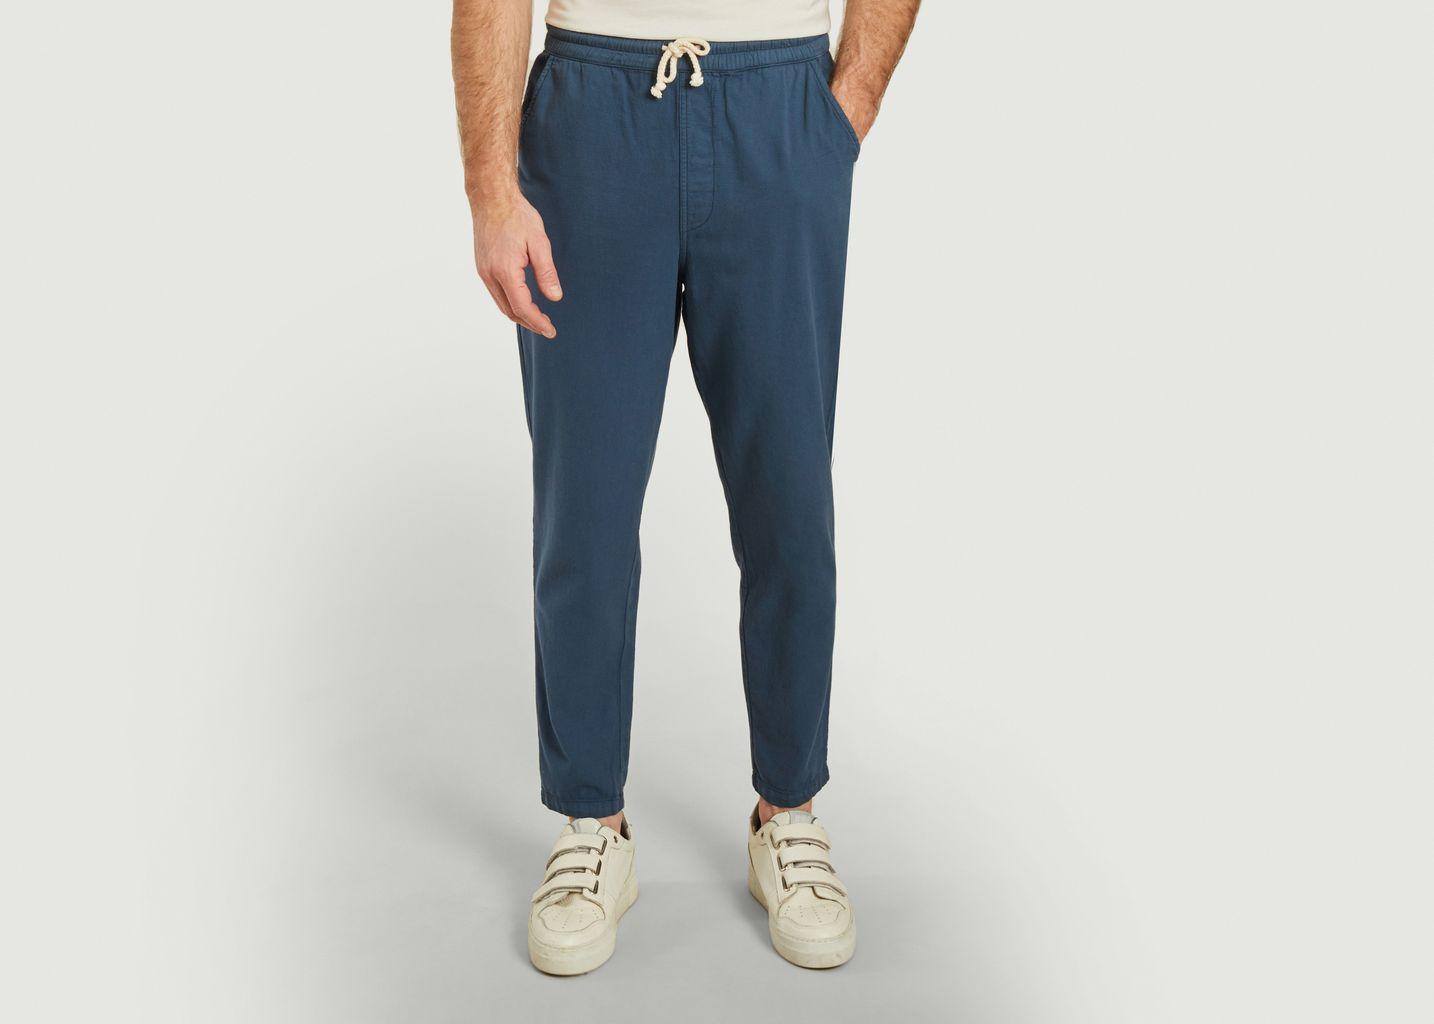 Pantalon Weekend en coton biologique - Olow